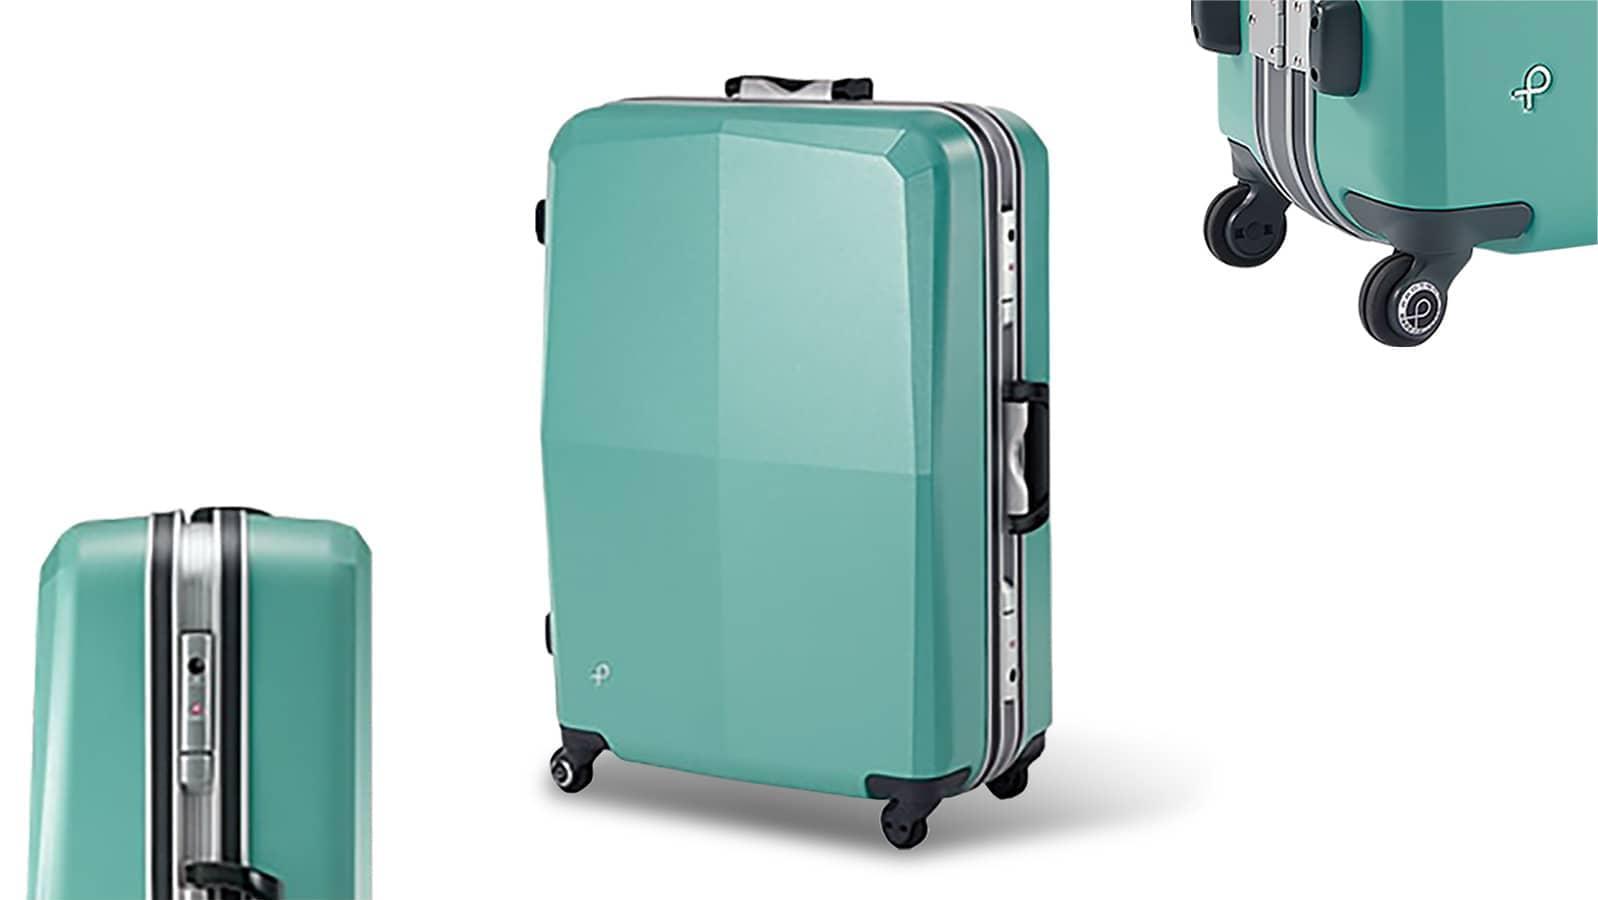 プロテカのスーツケースレンタル